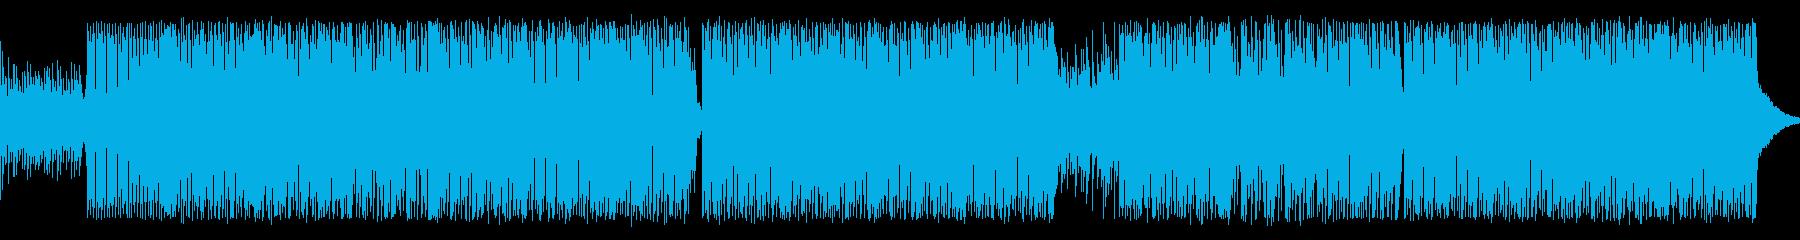 トラップ ヒップホップ R&B ほ...の再生済みの波形